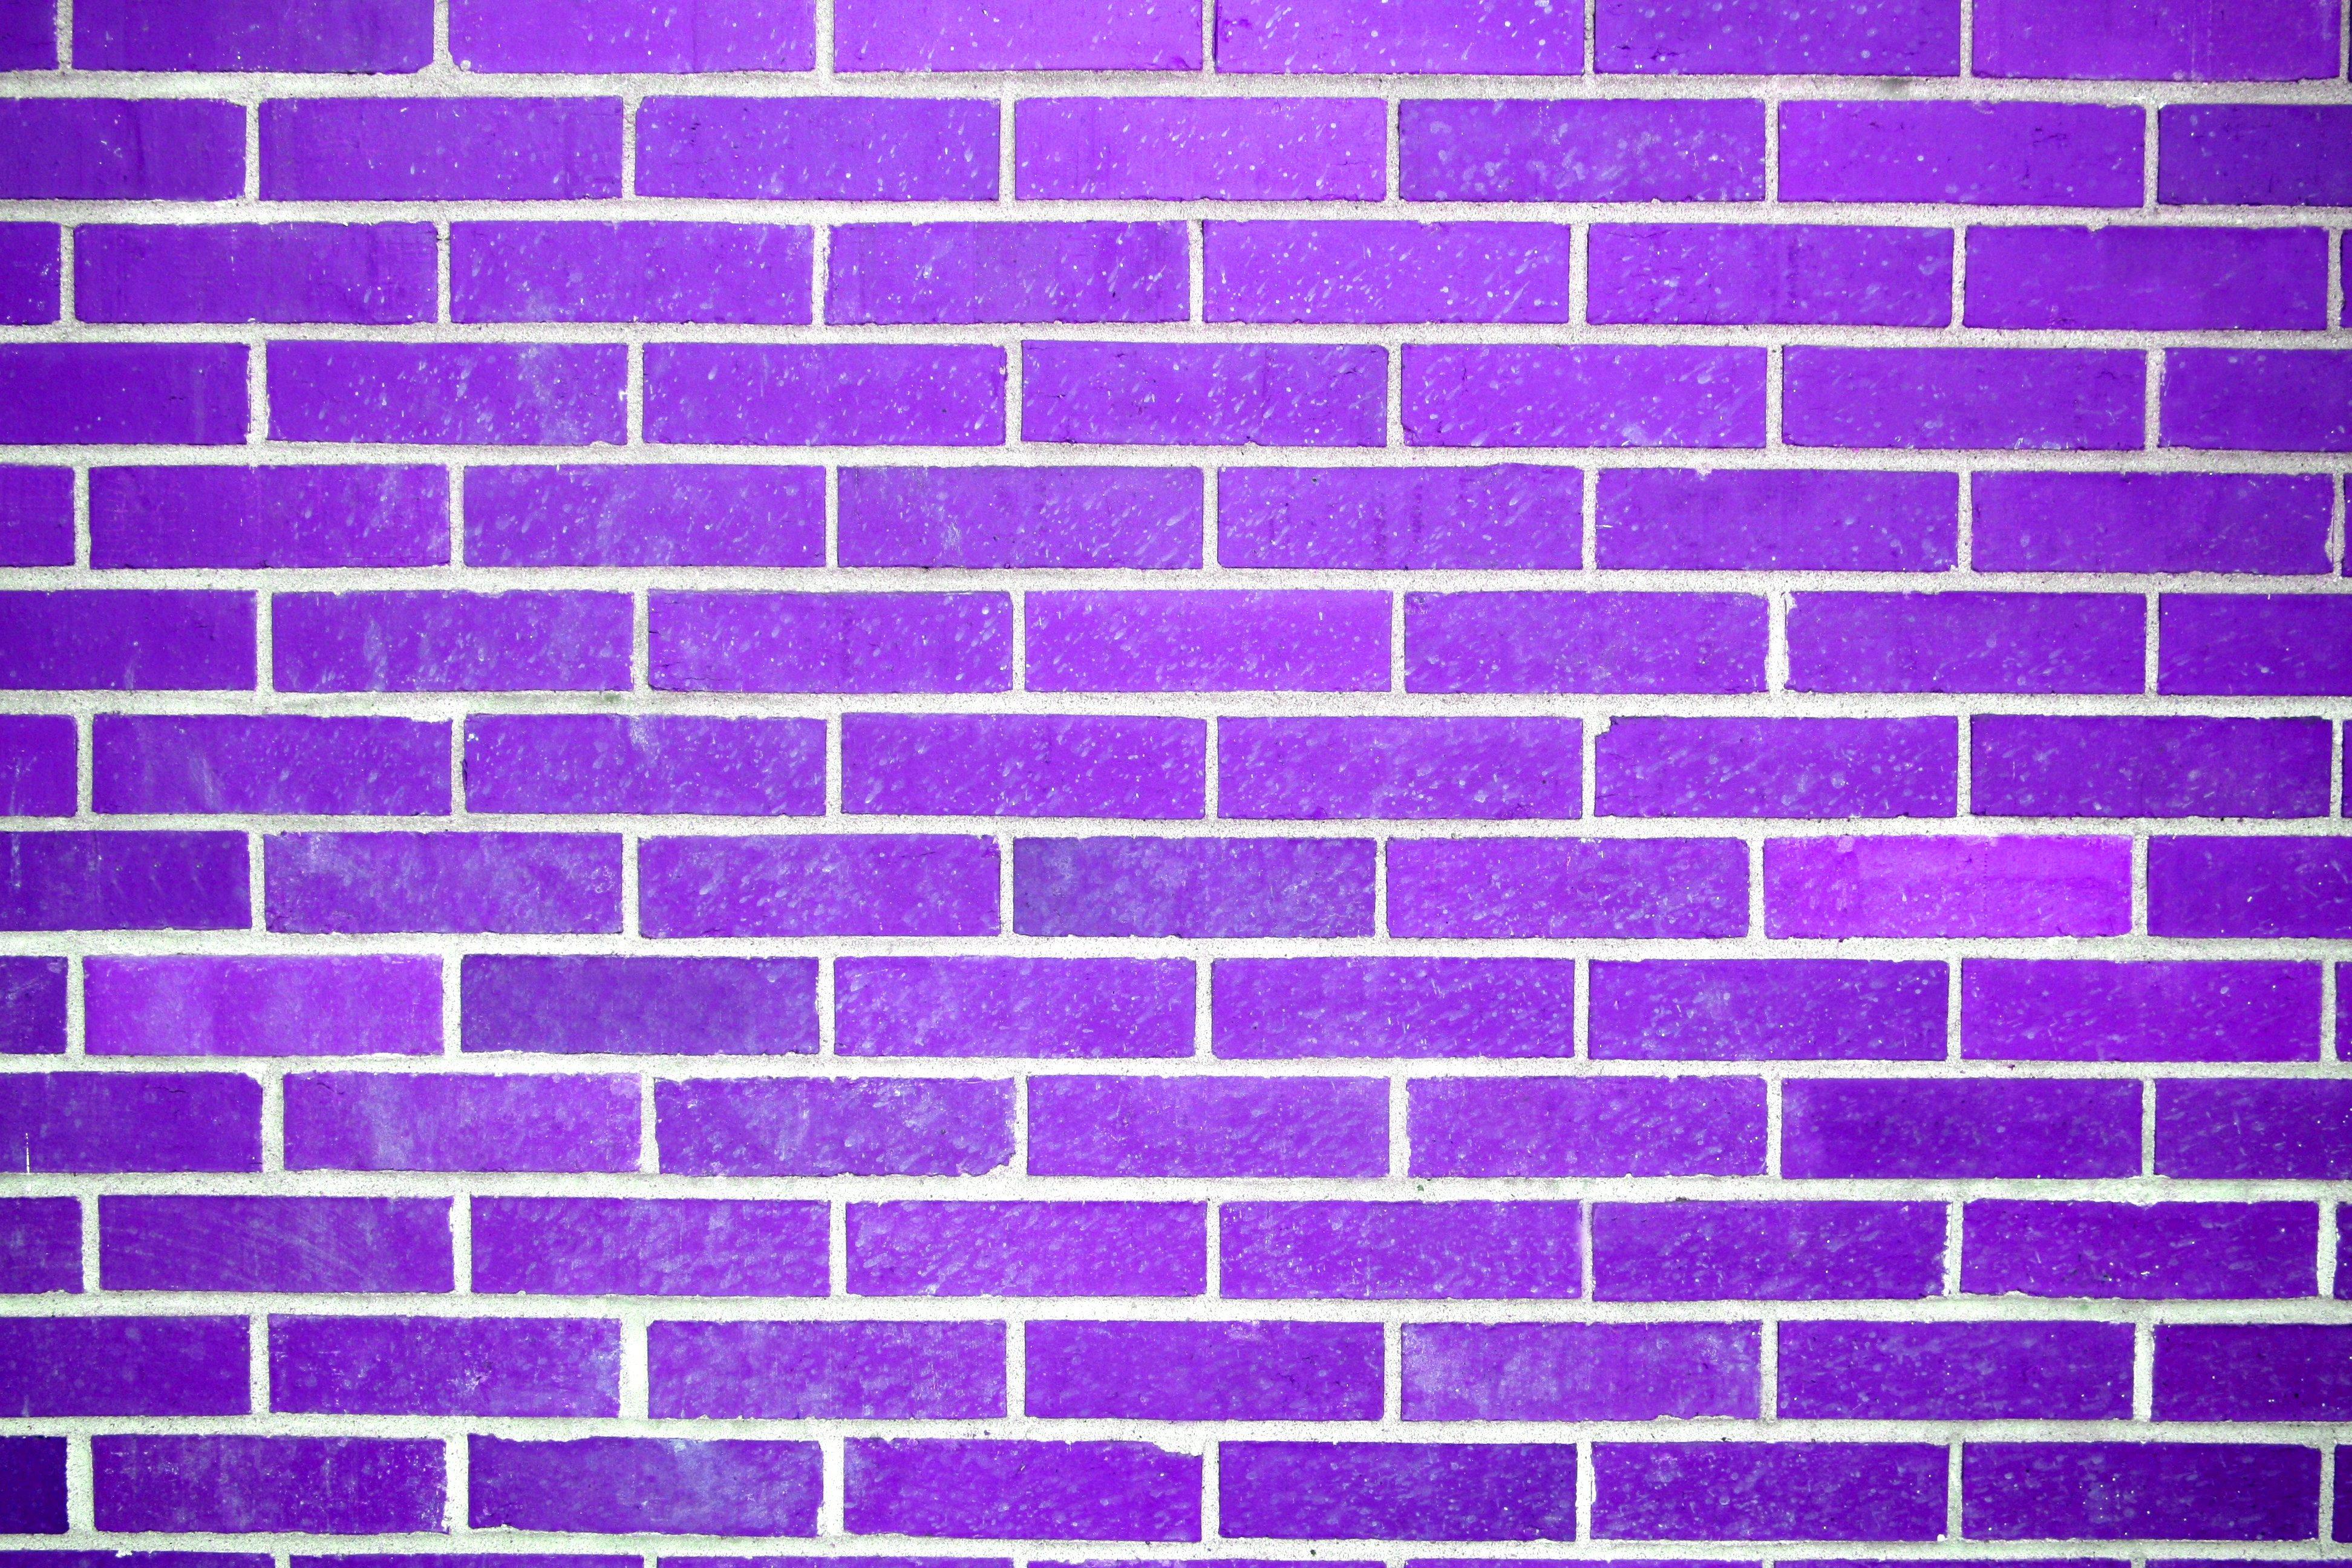 Purple Brick Wall Texture Picture Photograph Photos Public 3888x2592